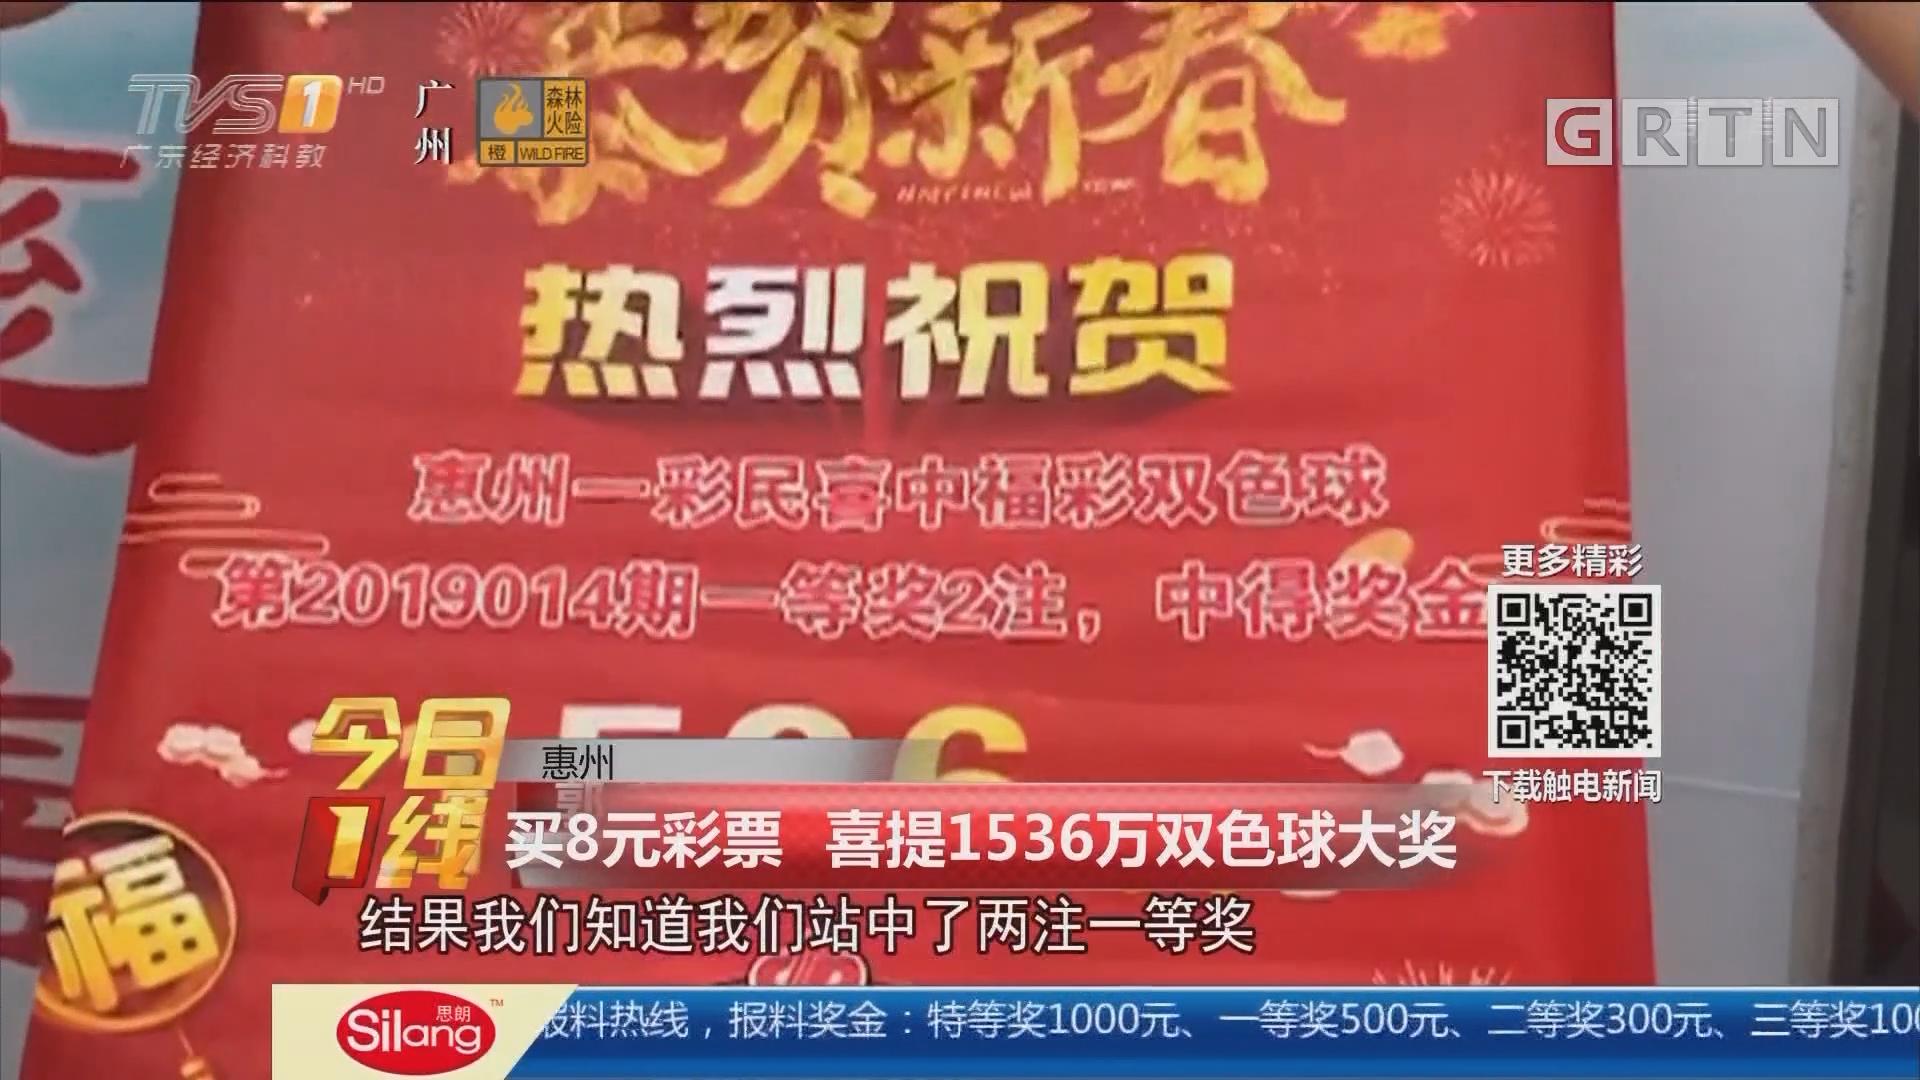 惠州:买8元彩票 喜提1536万双色球大奖